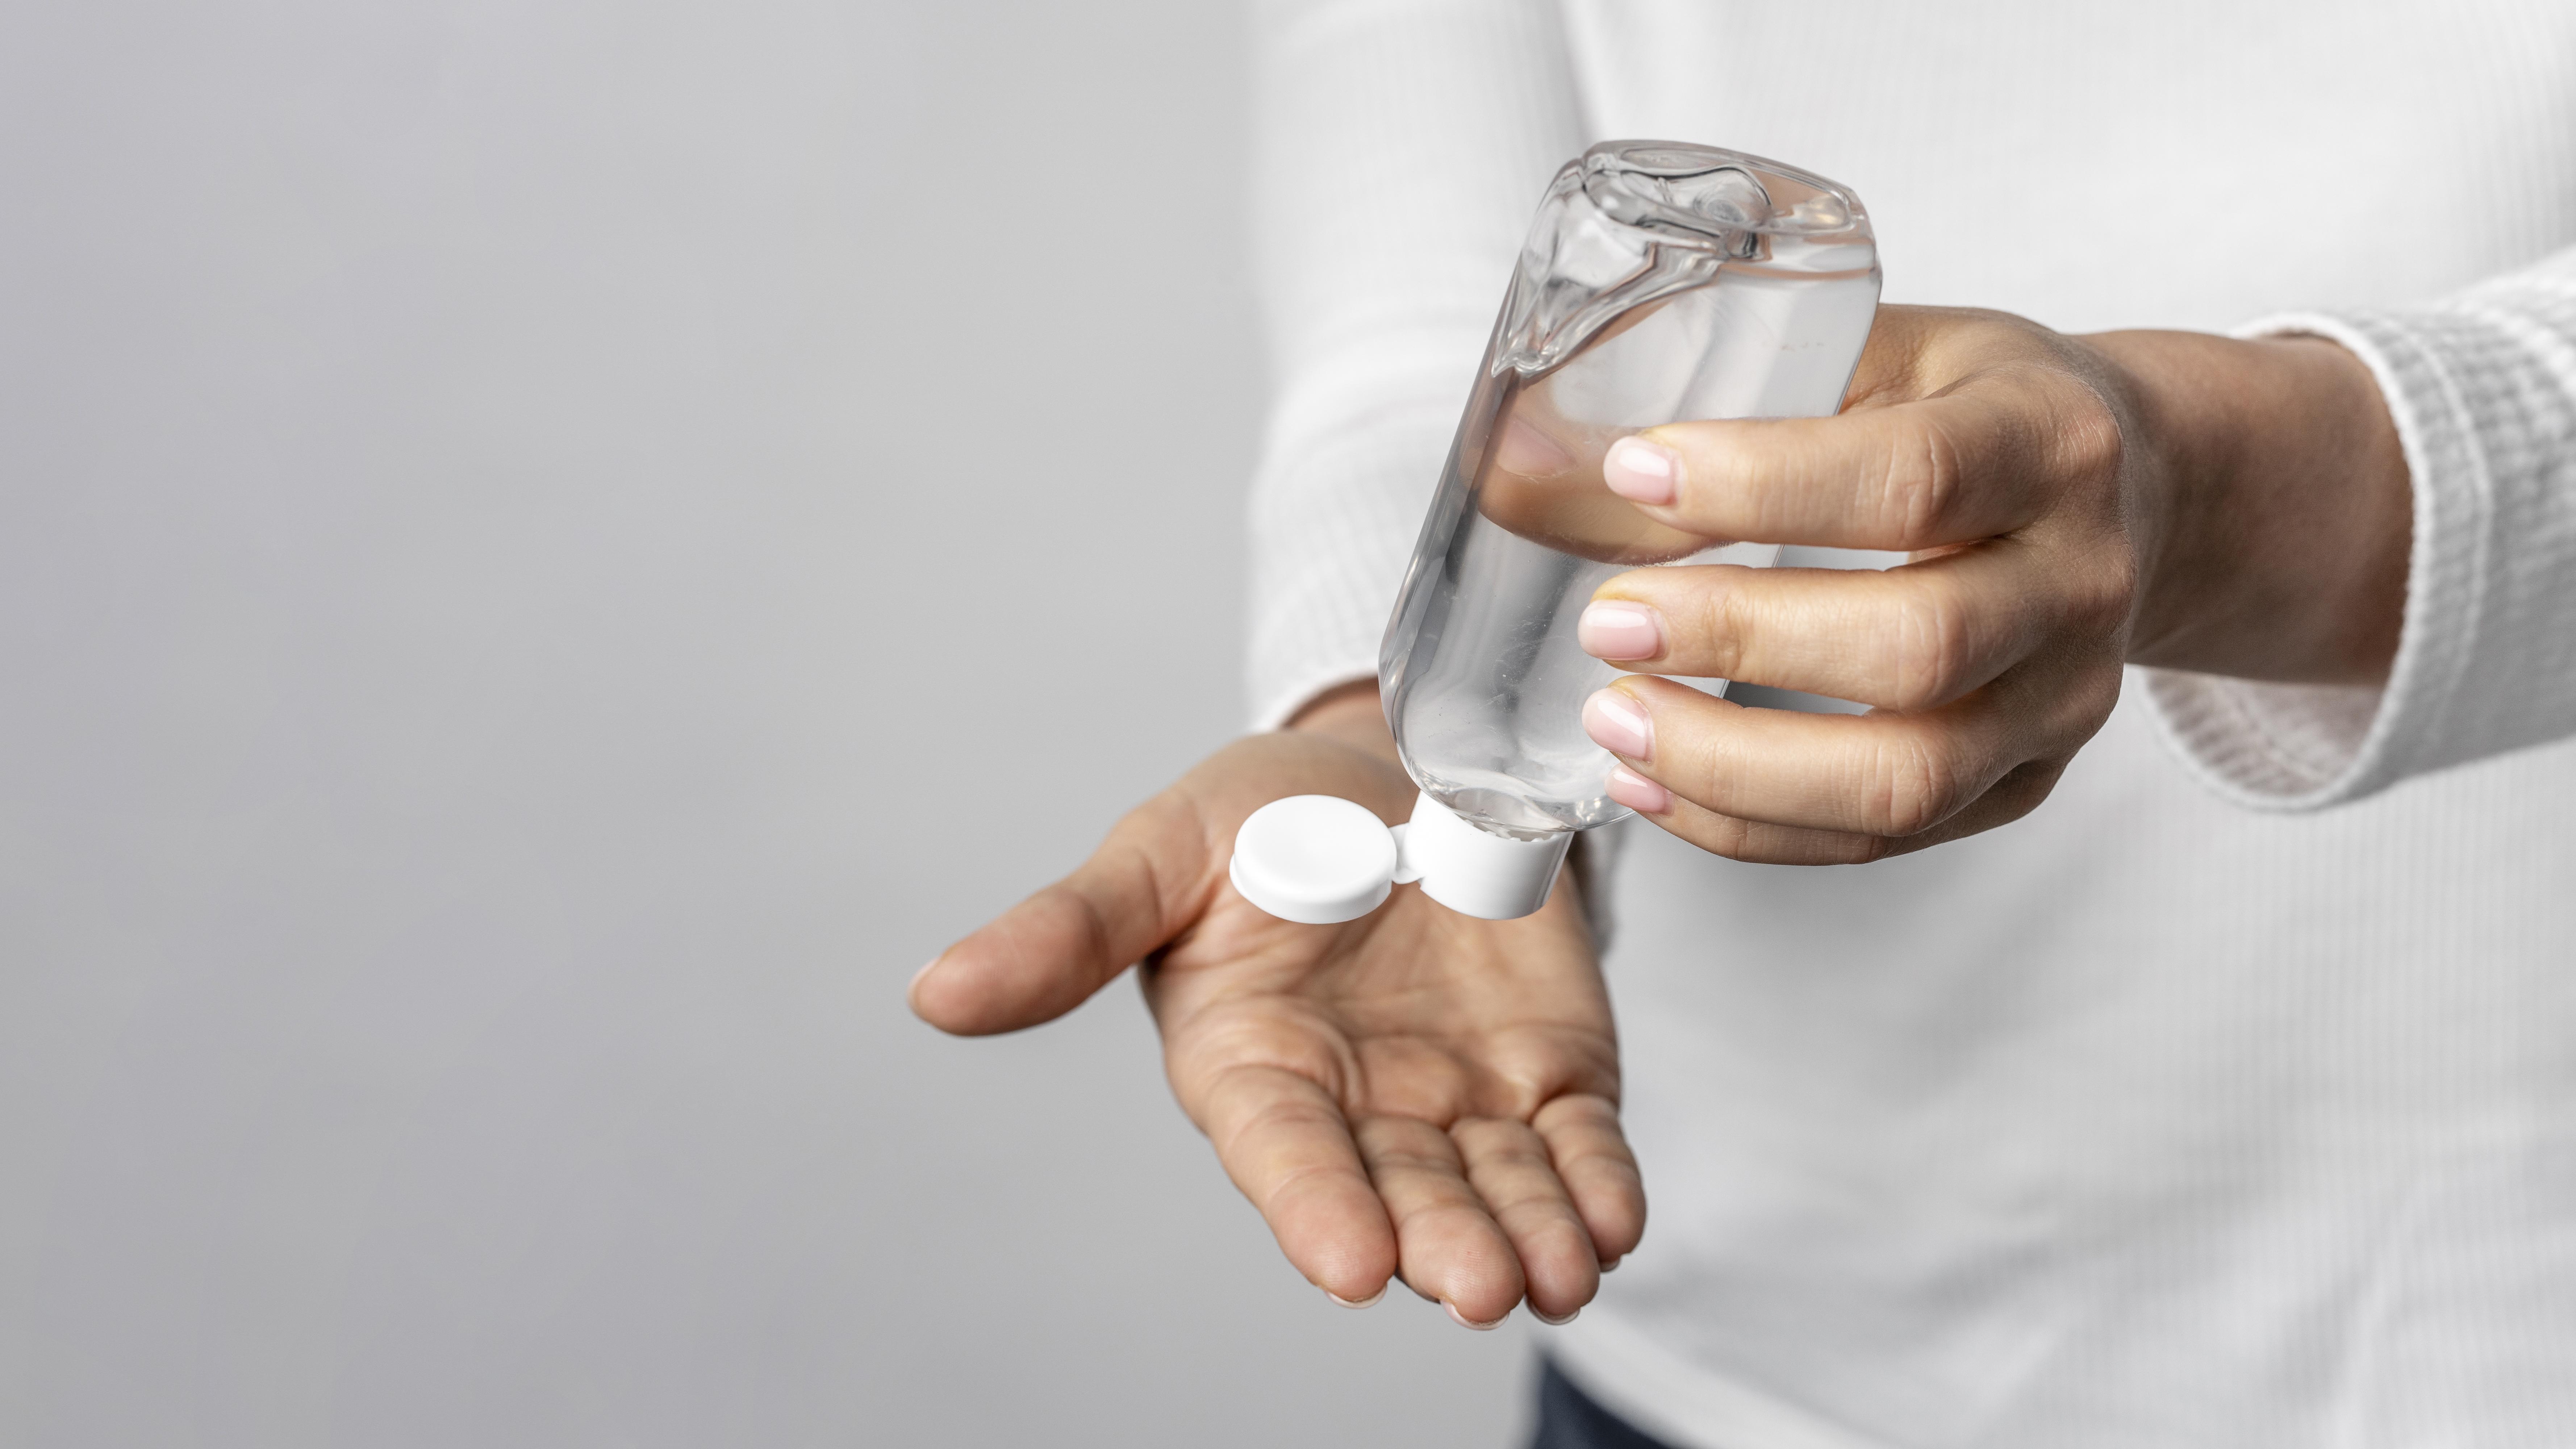 Producción de gel antibacterial, un reinicio de labores saludable.